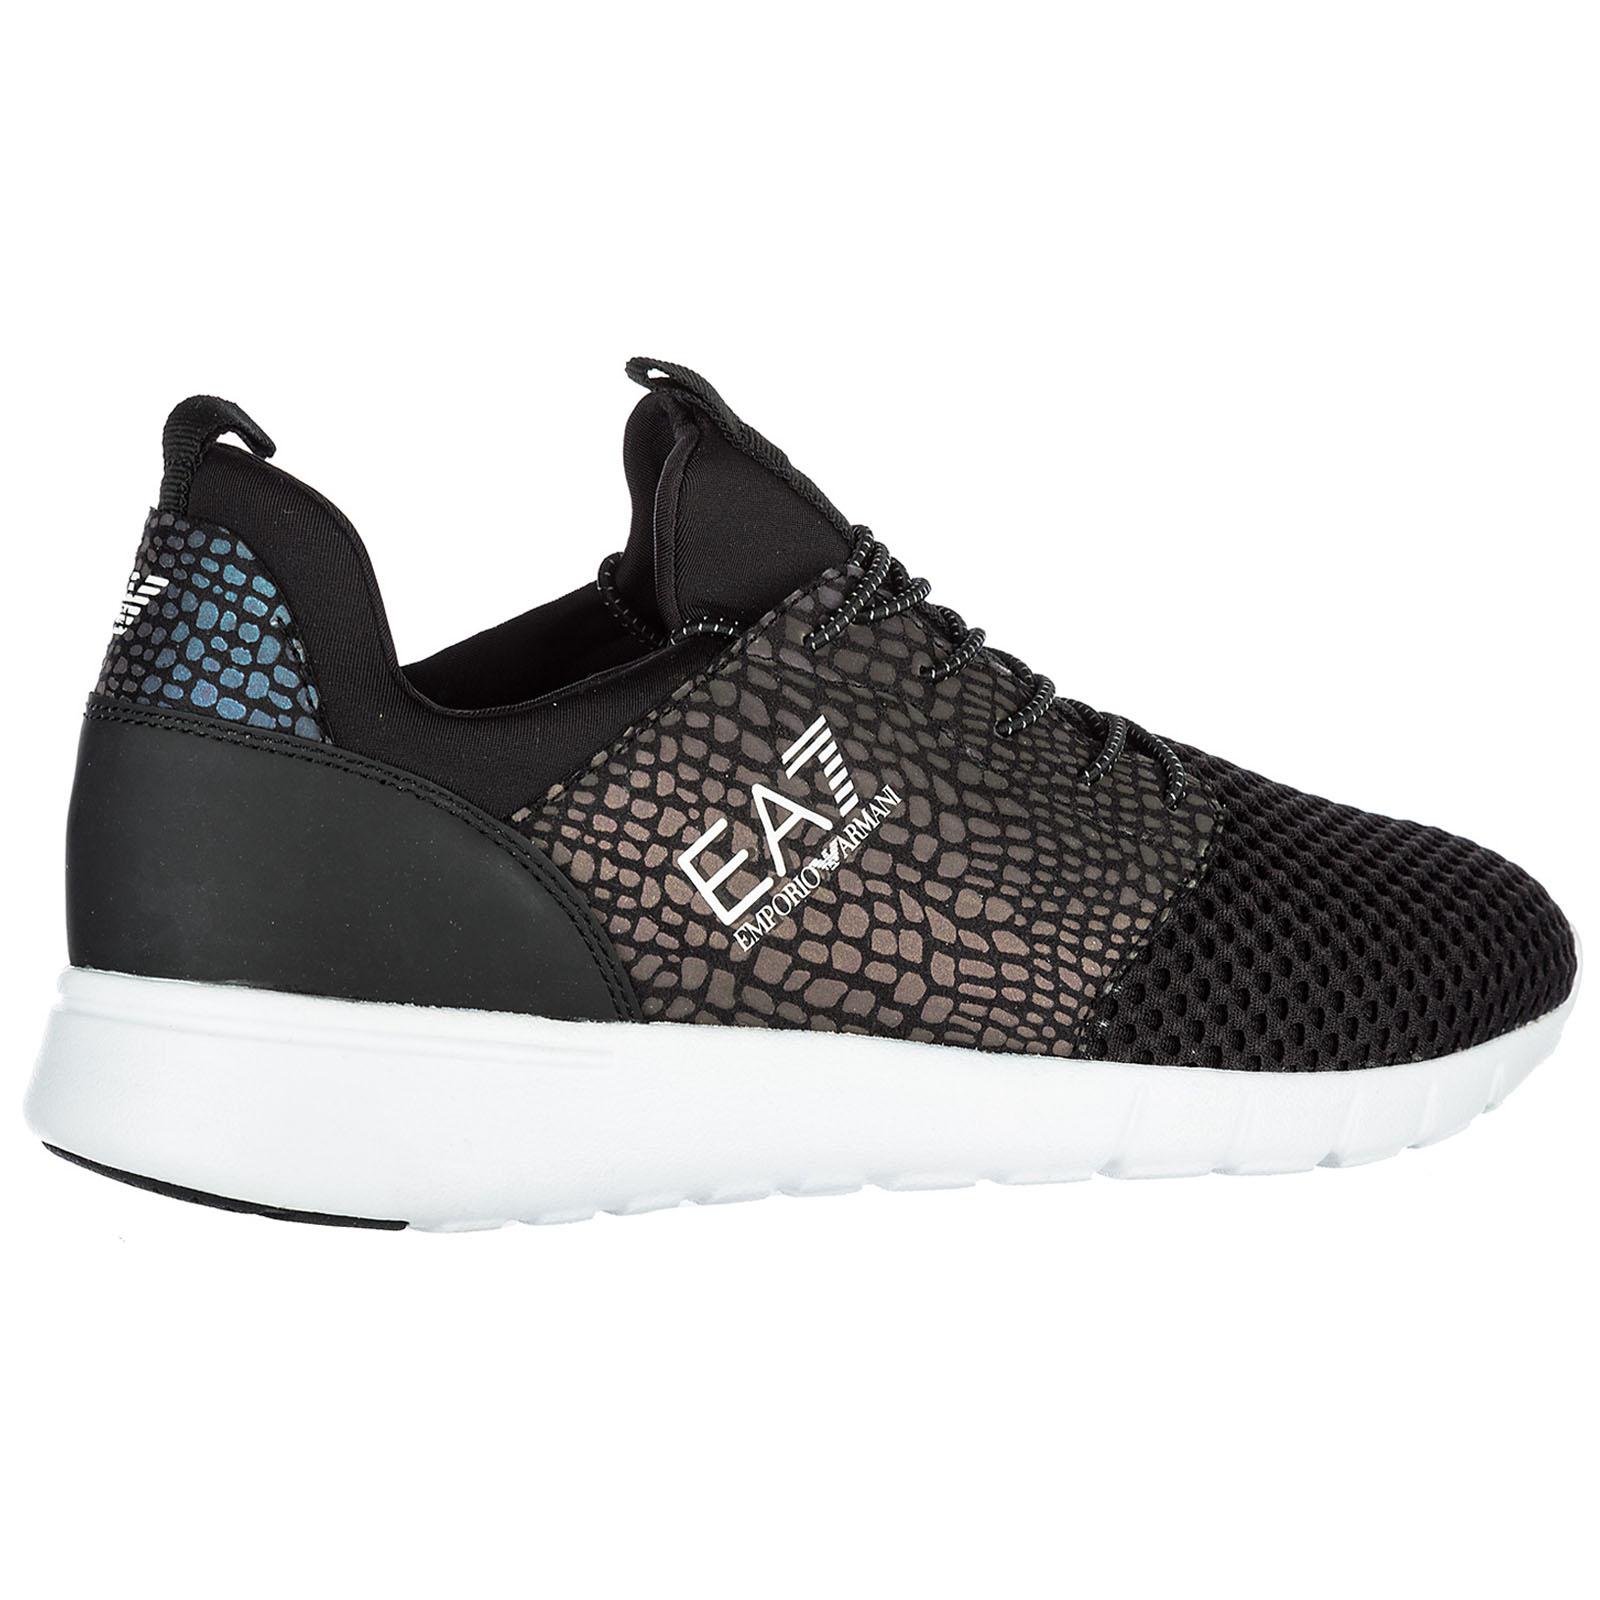 fc066d7c47a Sneakers Emporio Armani EA7 248090 7P299 00020 nero